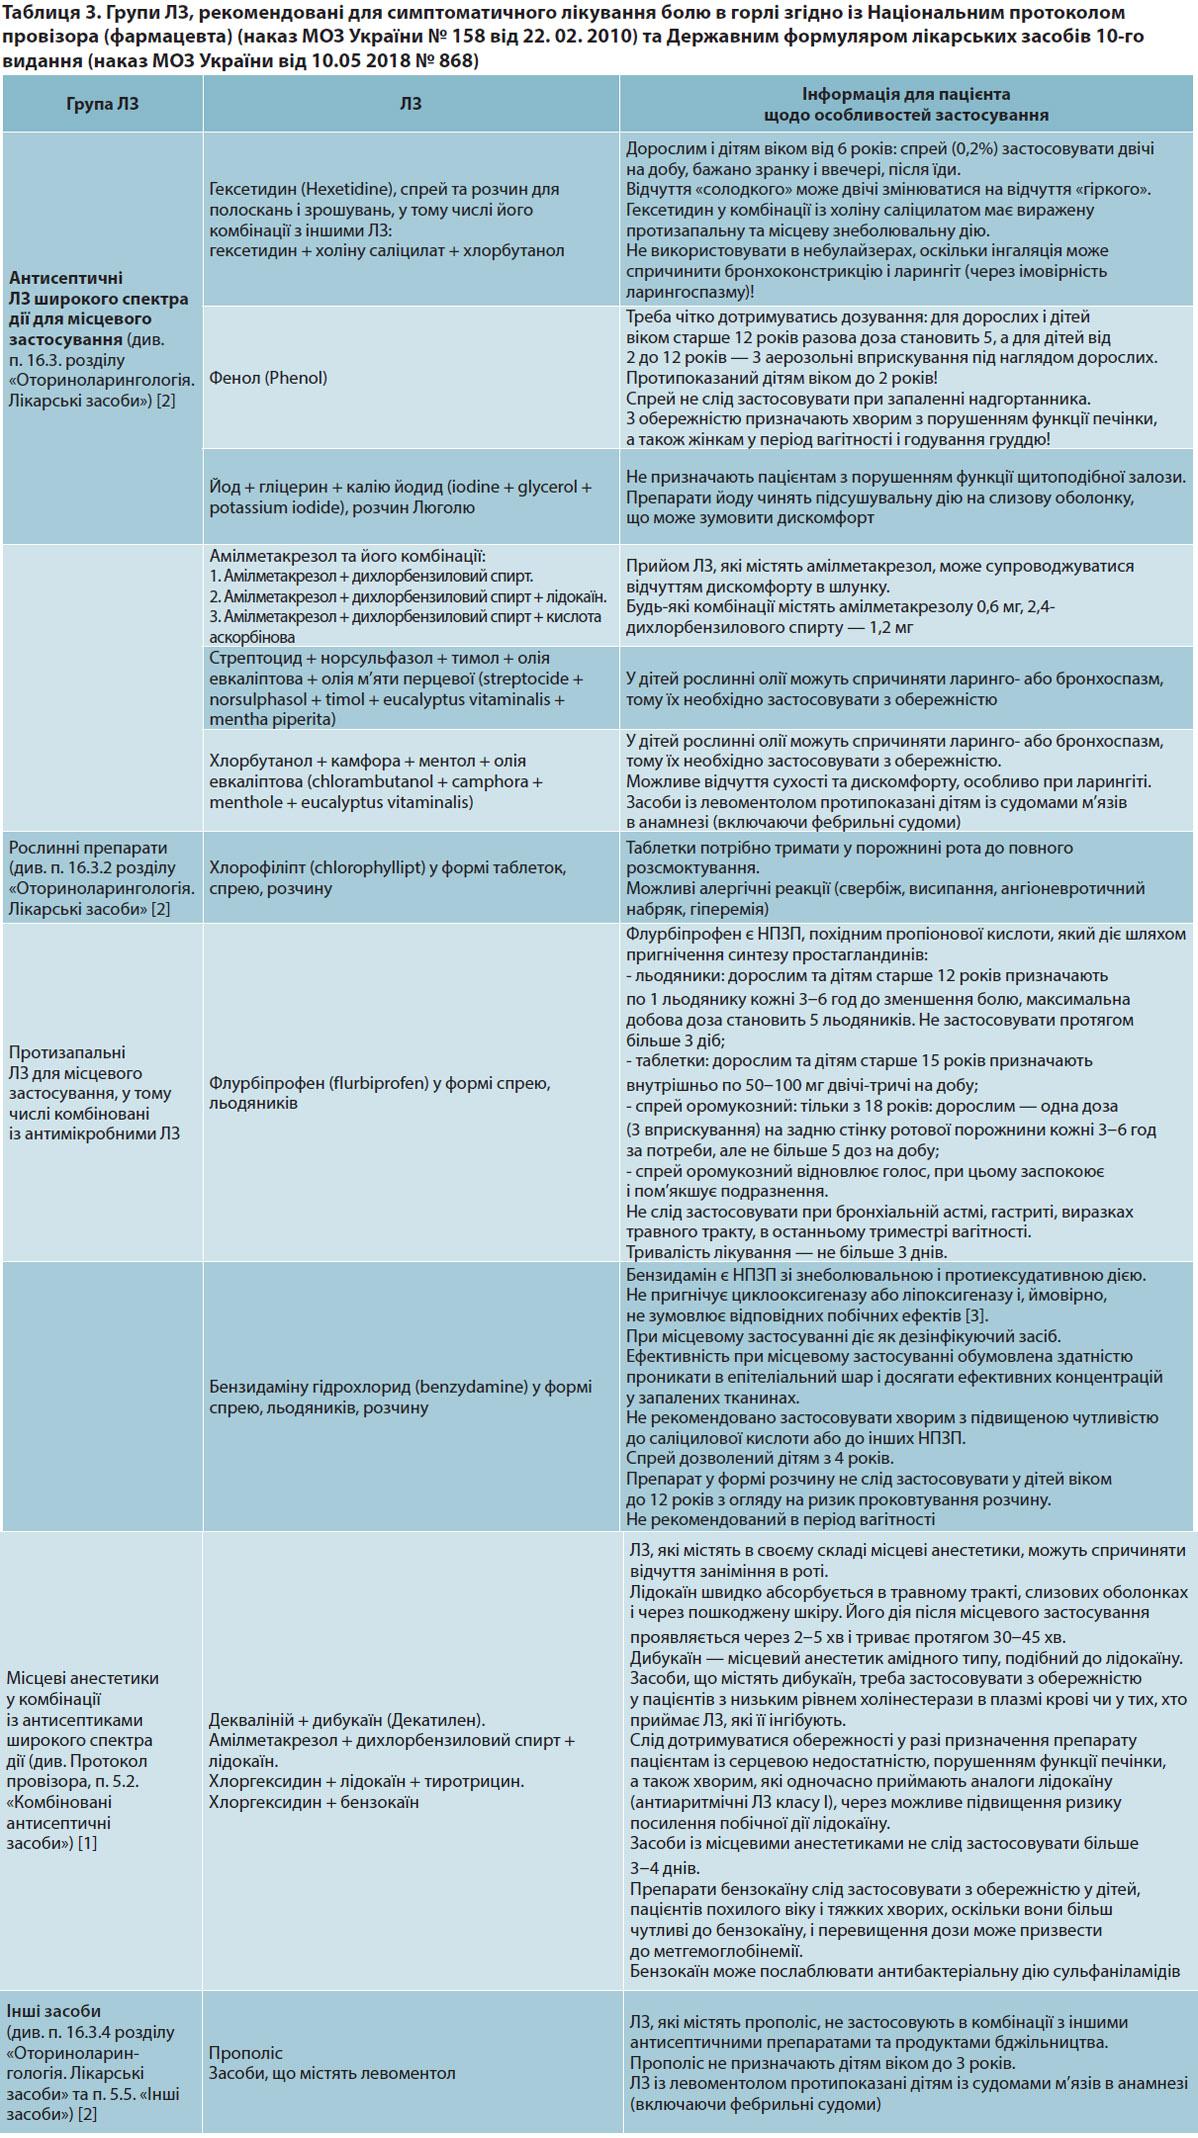 Таблиця 3. Групи ЛЗ, рекомендовані для симптоматичного лікування болю в горлі згідно із Національним протоколом провізора (фармацевта) (наказ МОЗ України № 158 від 22. 02. 2010) та Державним формуляром лікарських засобів 10-го видання (наказ МОЗ України від 10.05 2018 № 868)